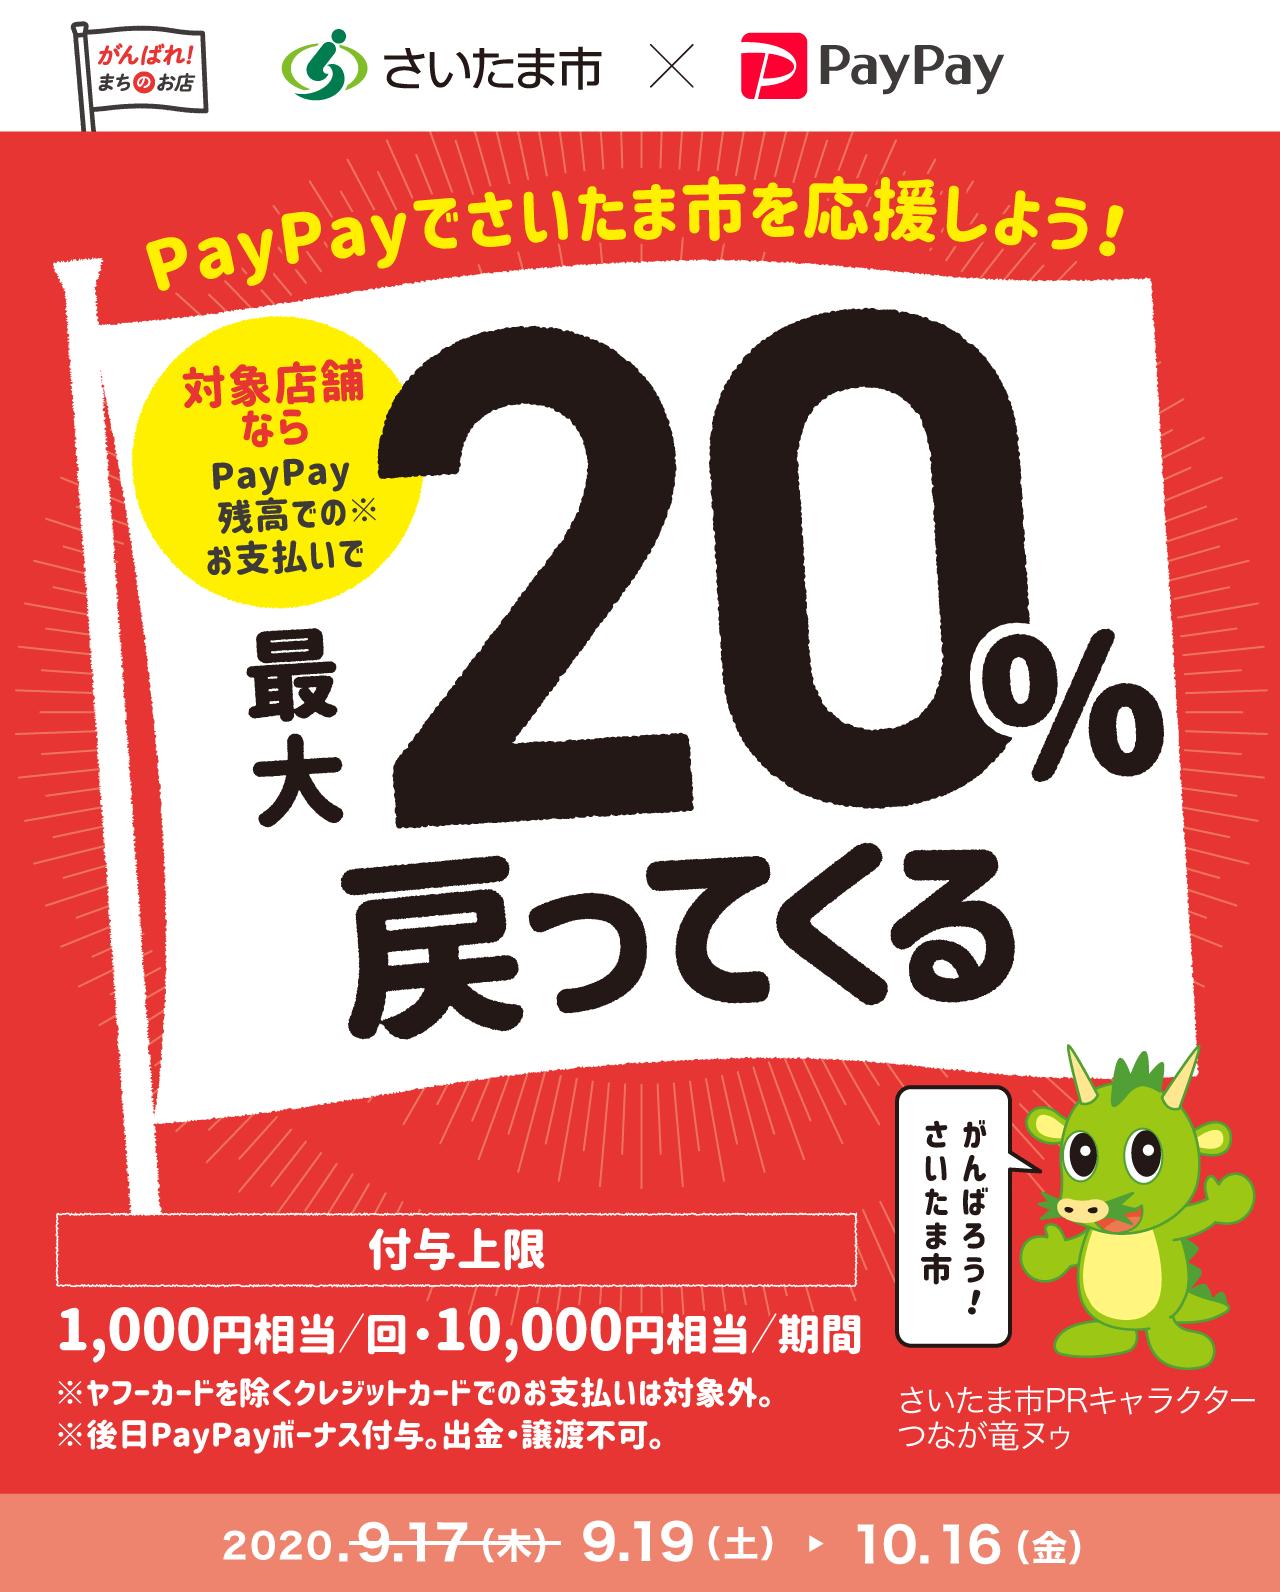 PayPayでさいたま市を応援しよう!対象店舗ならPayPay残高でのお支払いで最大20%戻ってくる